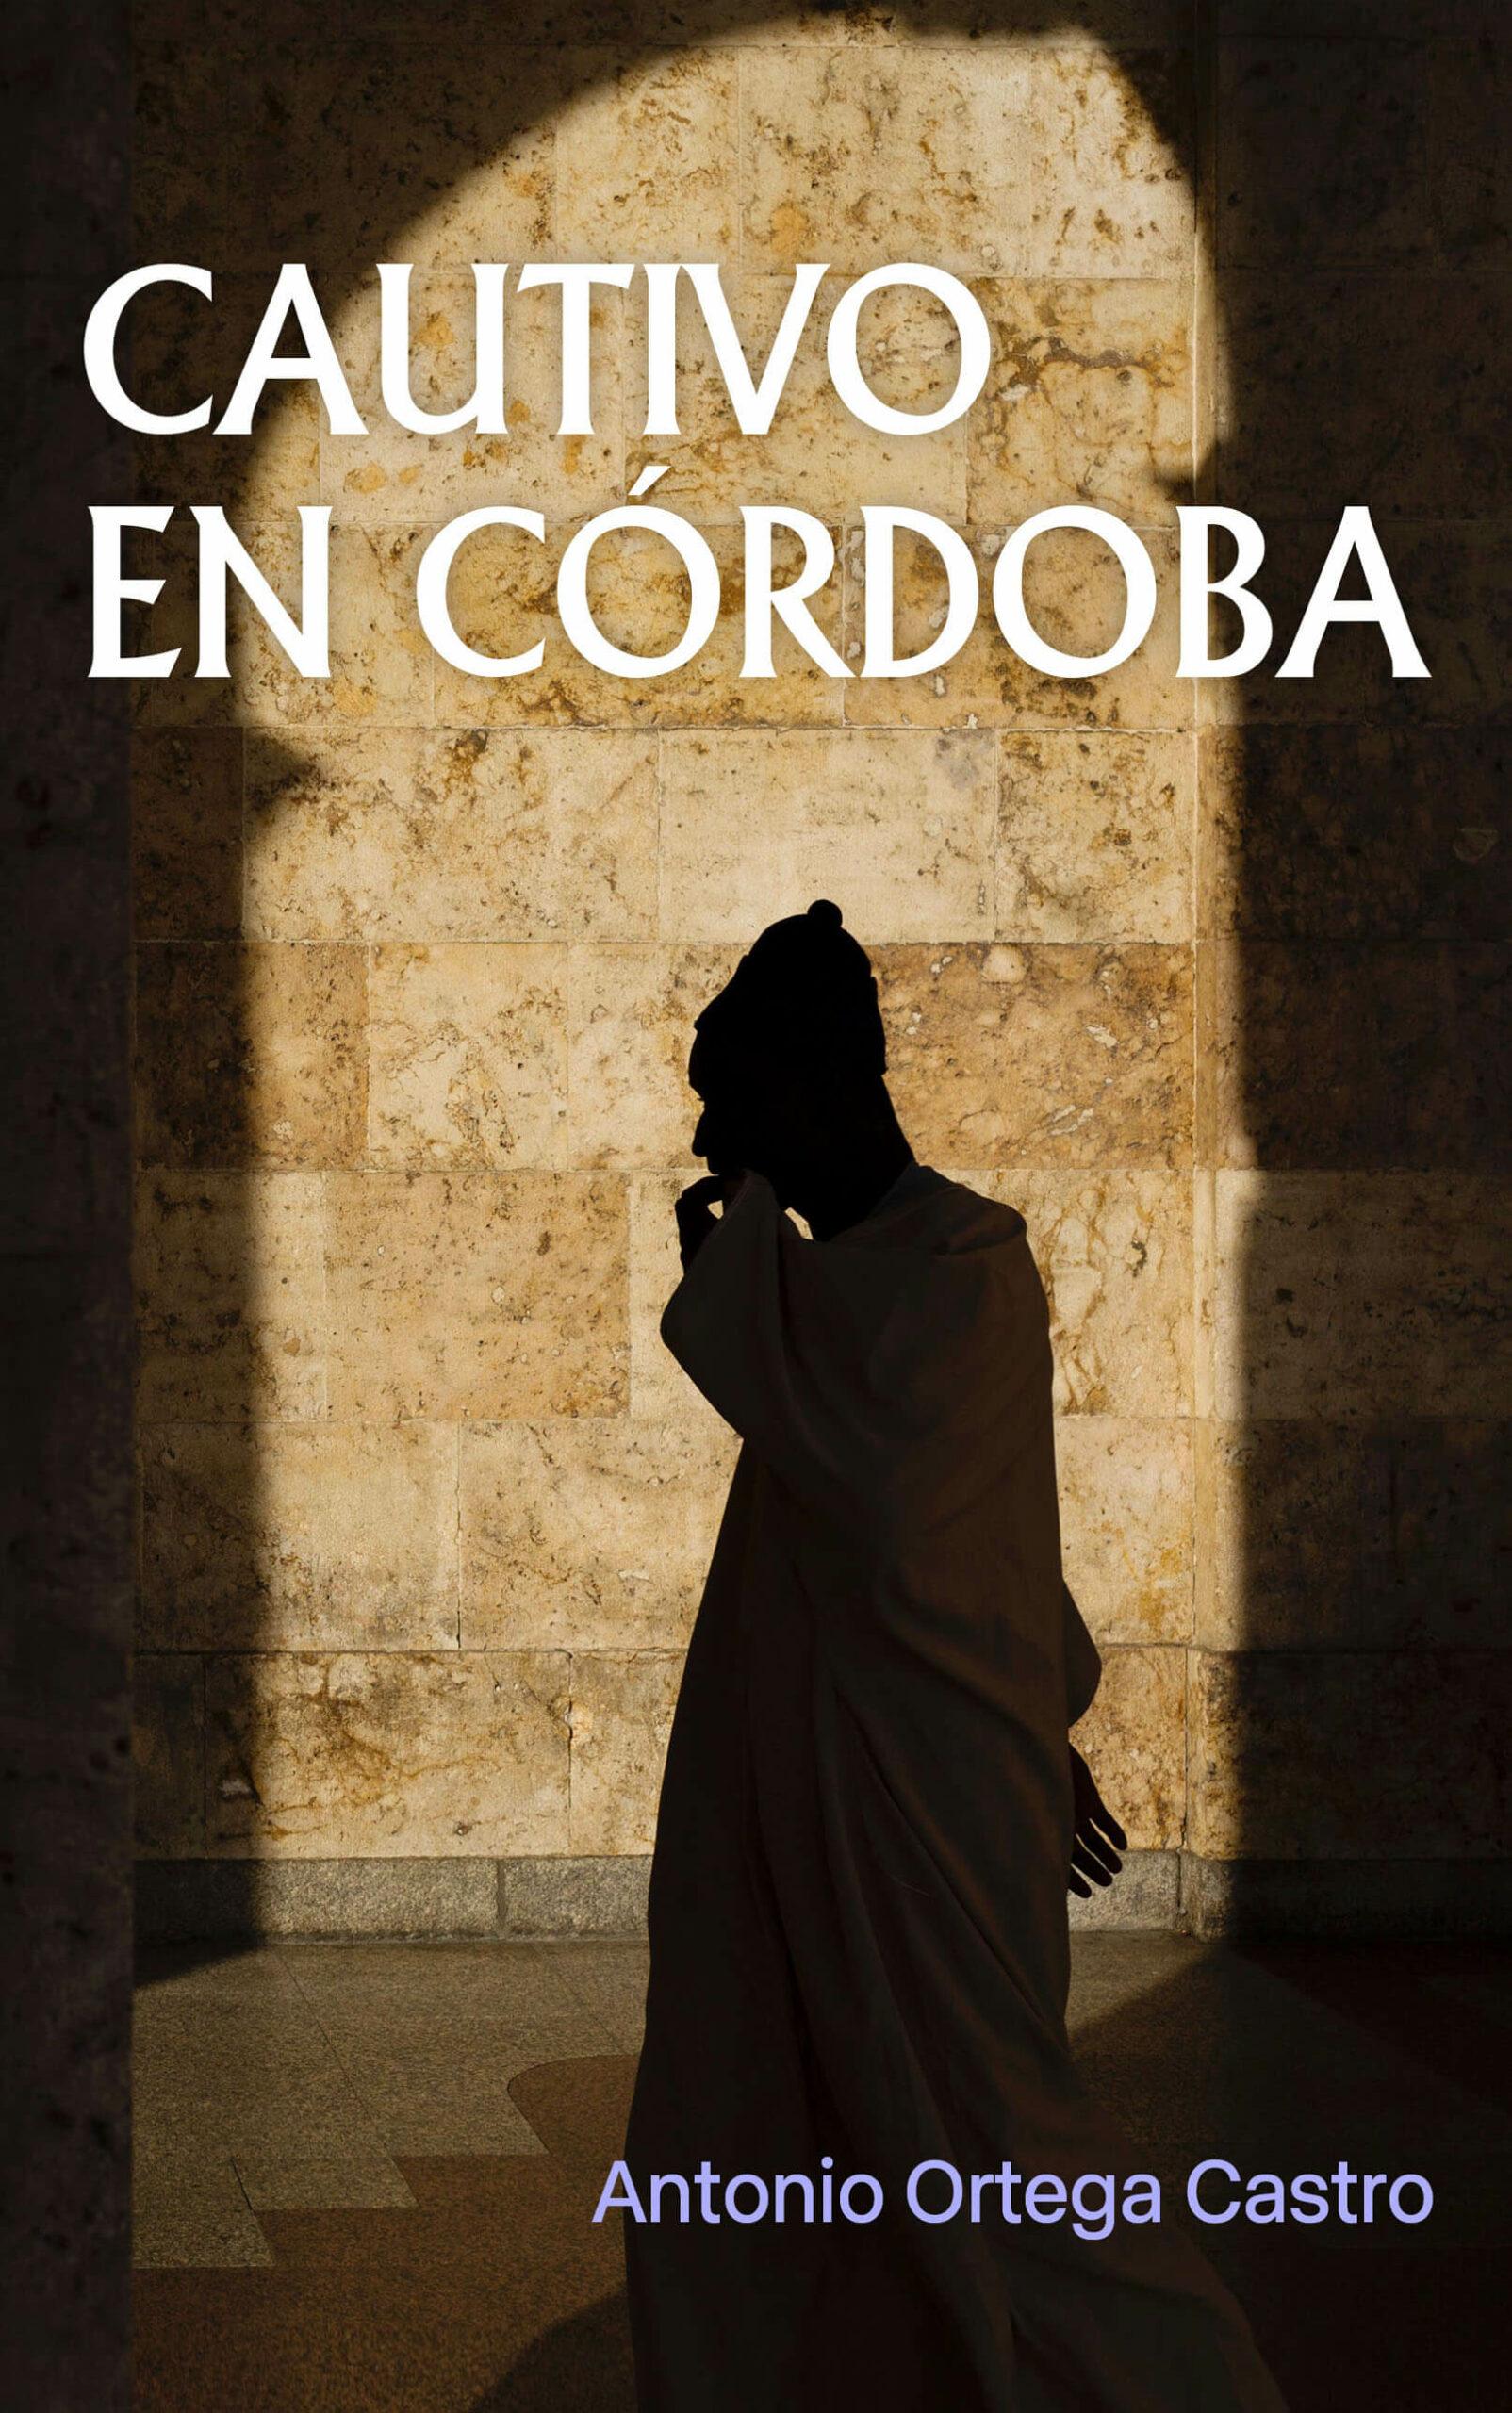 Cautivo en Córdoba, de Antonio Ortega Castro